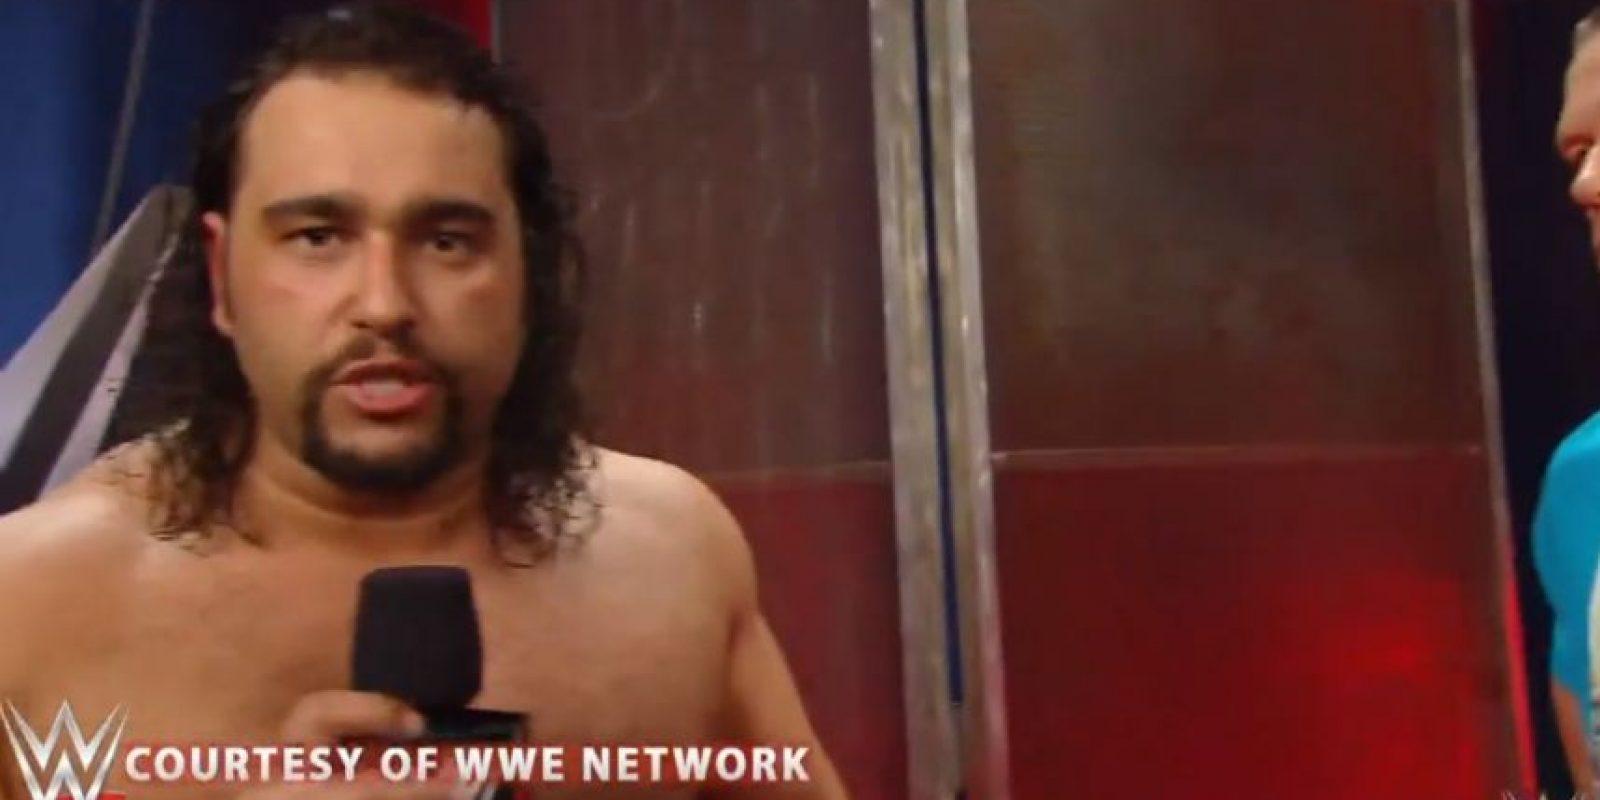 Pero Rusev le quitó el micrófono Foto:WWE